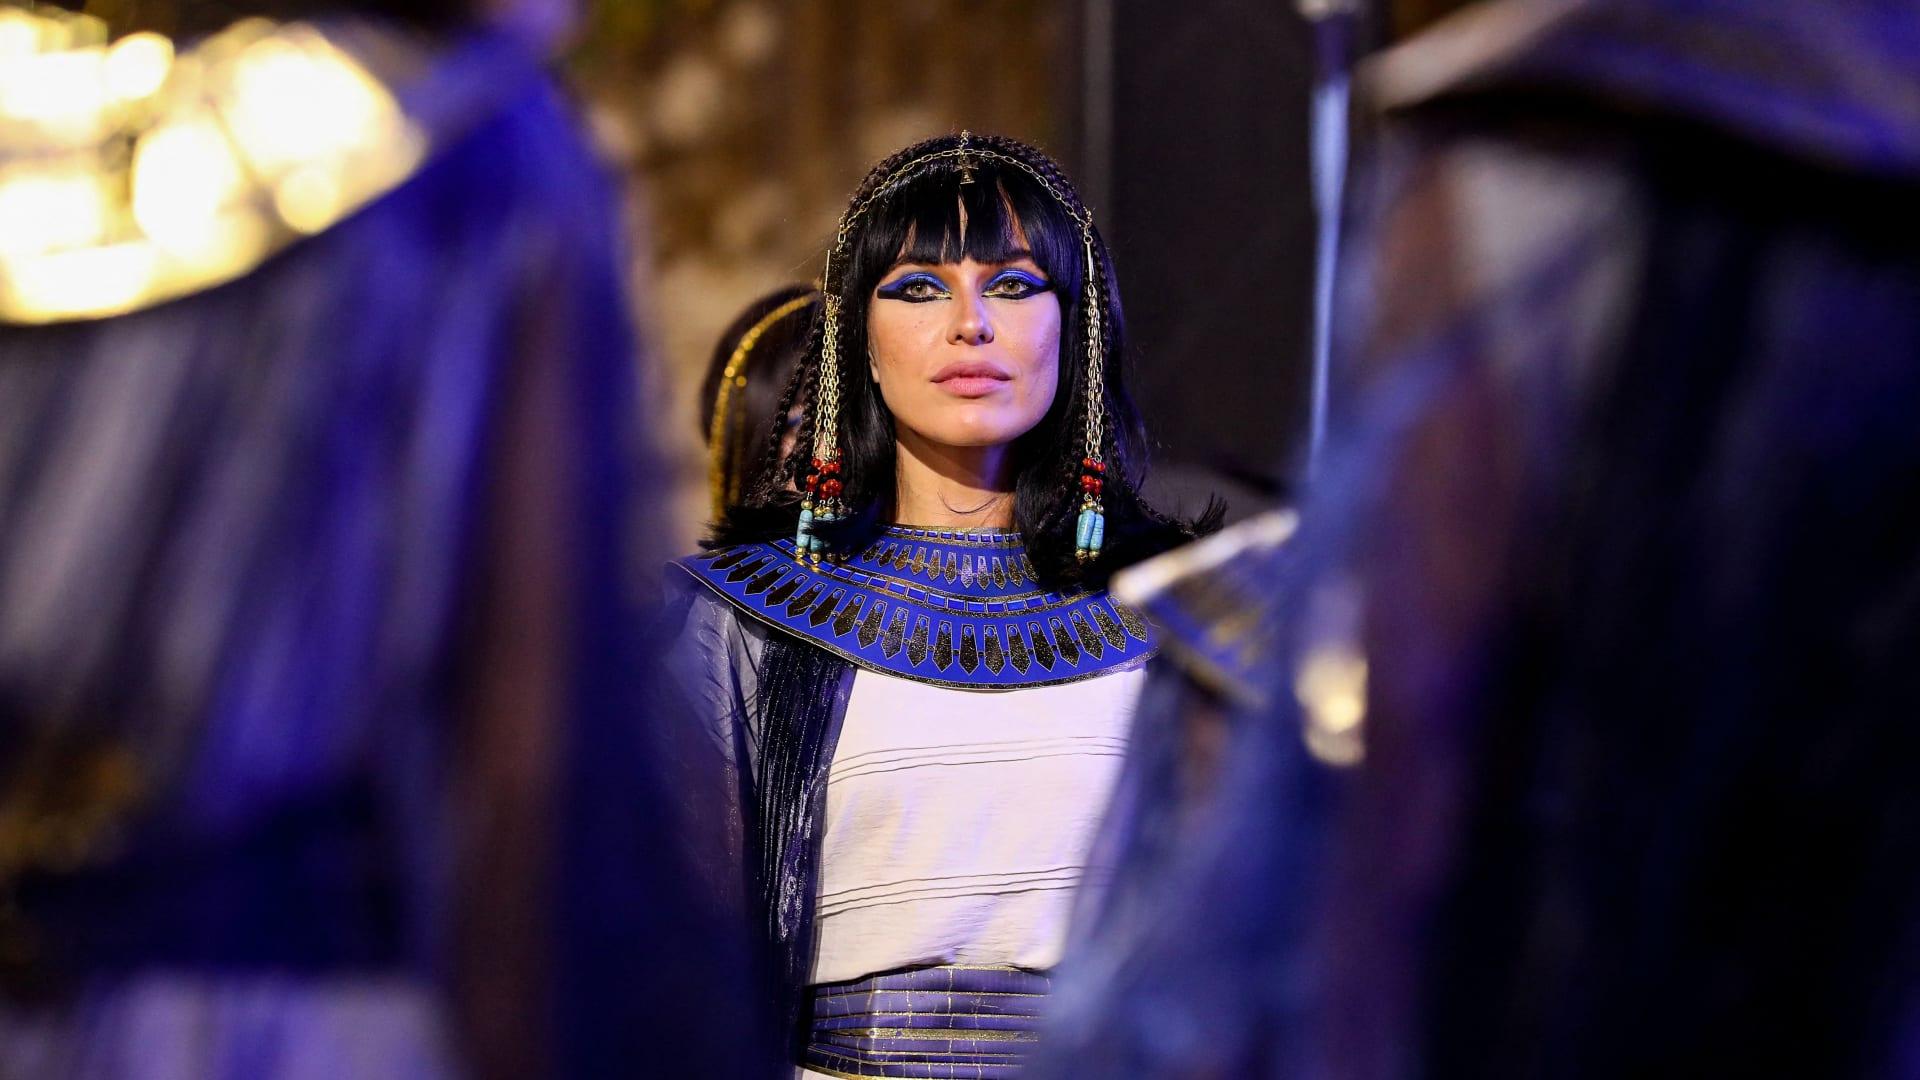 شاهد.. مصر تخطف الأنظار بعرض مبهر لموكب المومياوات الملكية